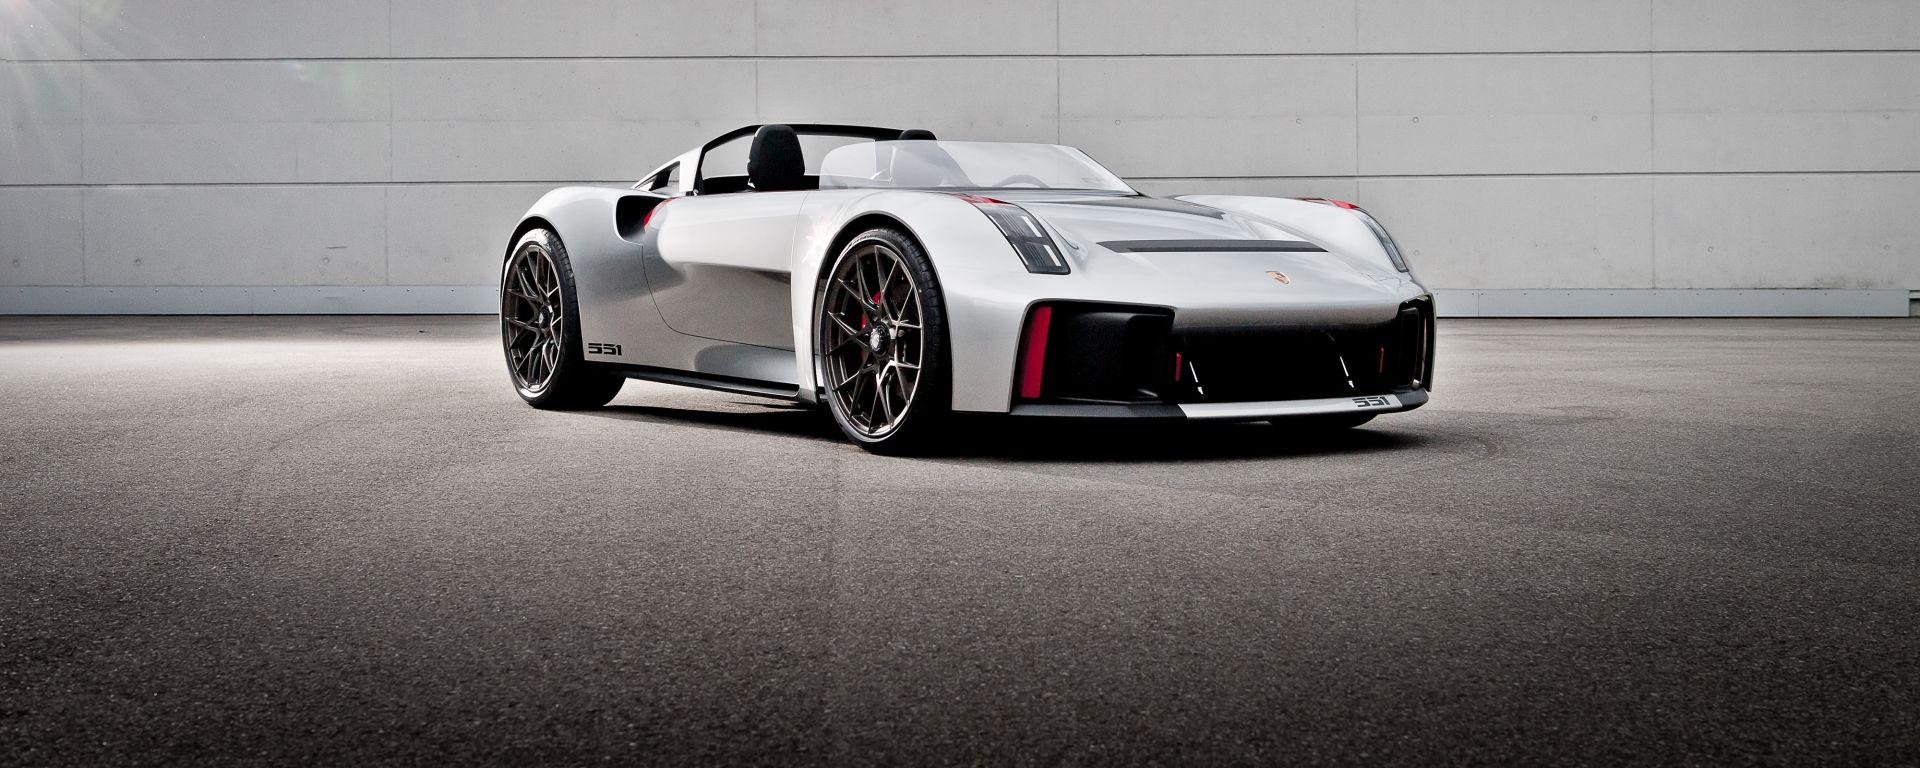 Porsche Vision Spyder in Porsche Unseen